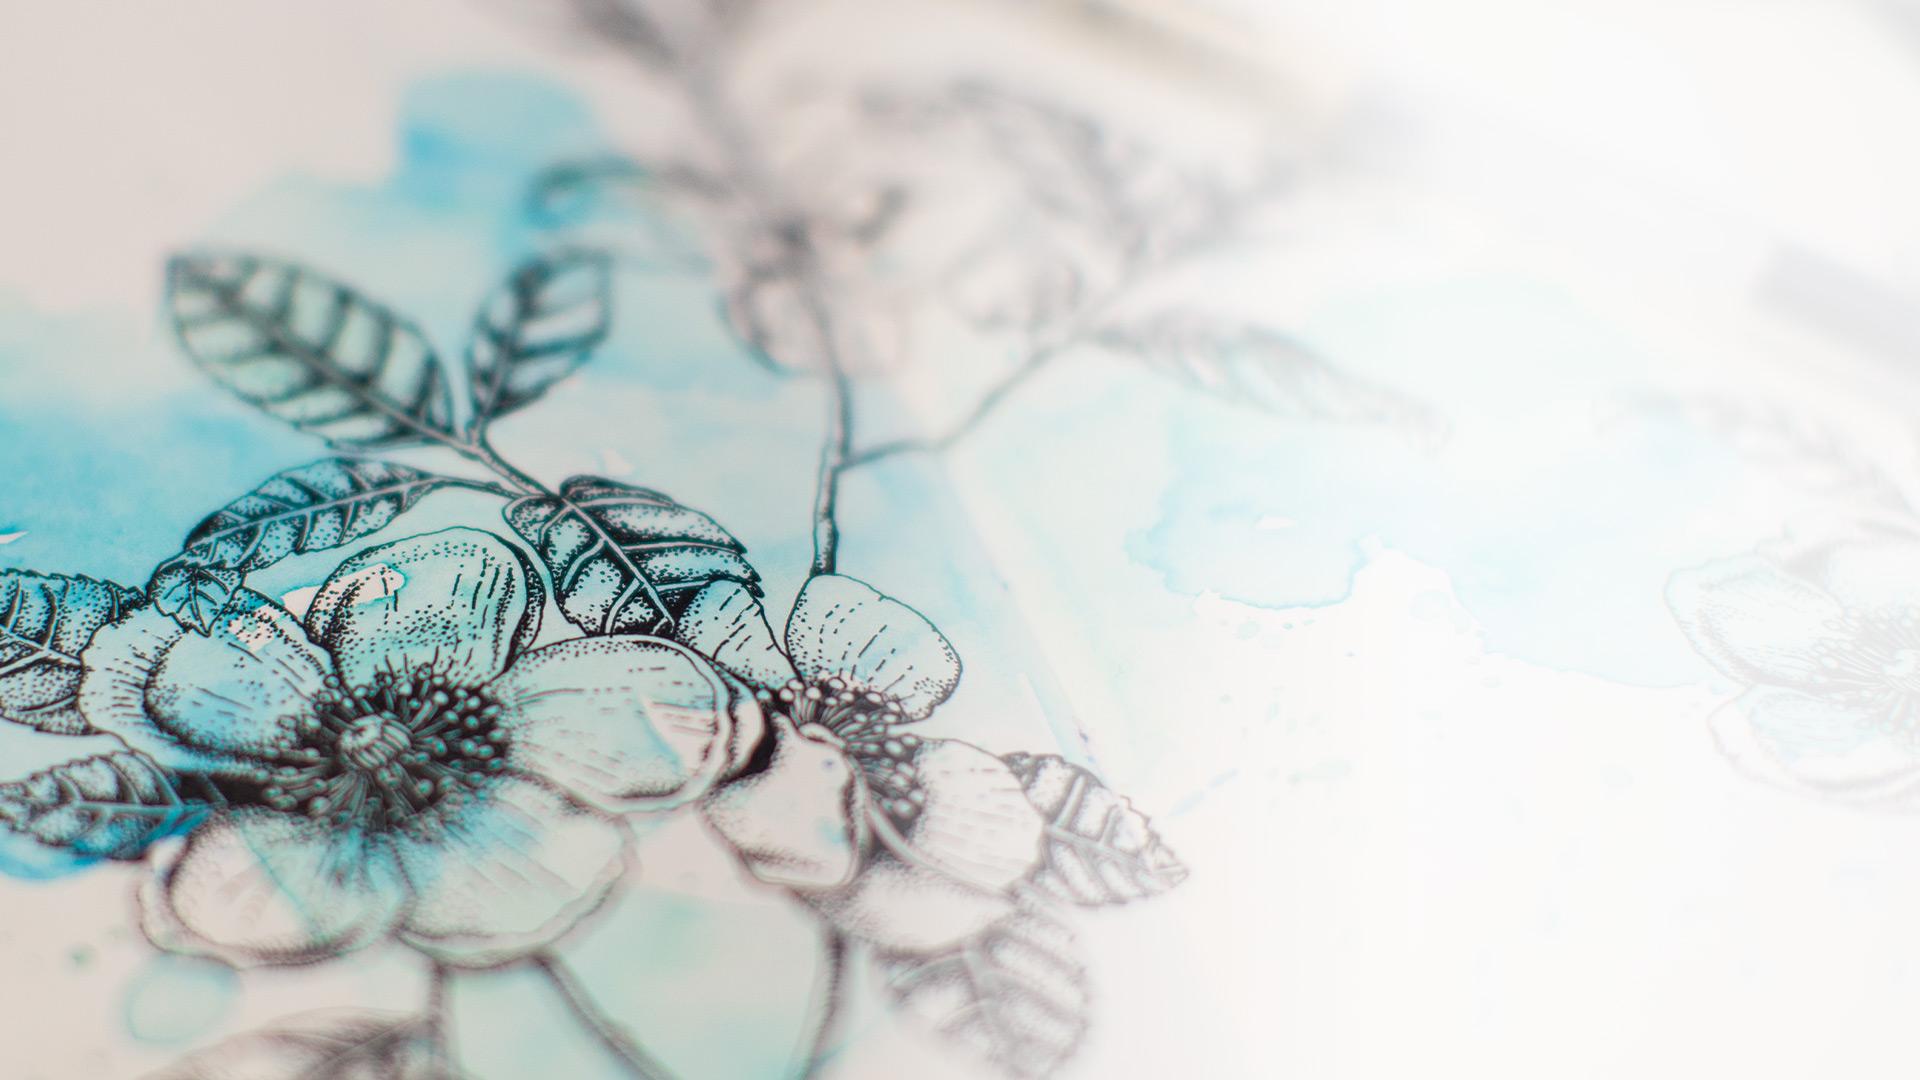 ציור של פרח בצבע מים כחול